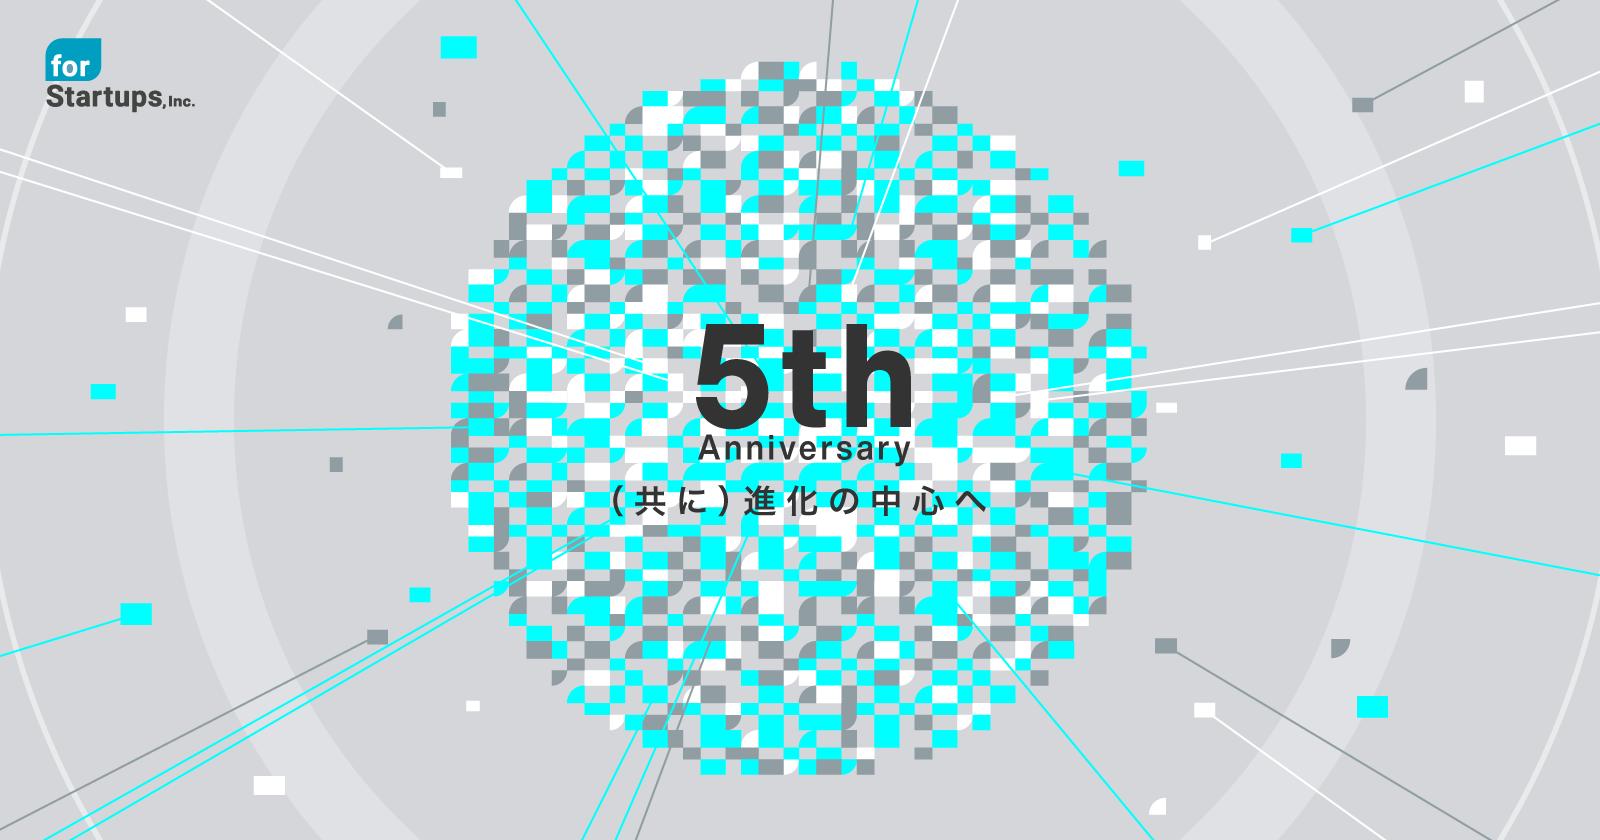 フォースタートアップス、5周年記念モーショングラフィックス『 NEW STORY - (共に)進化の中心へ 』を公開